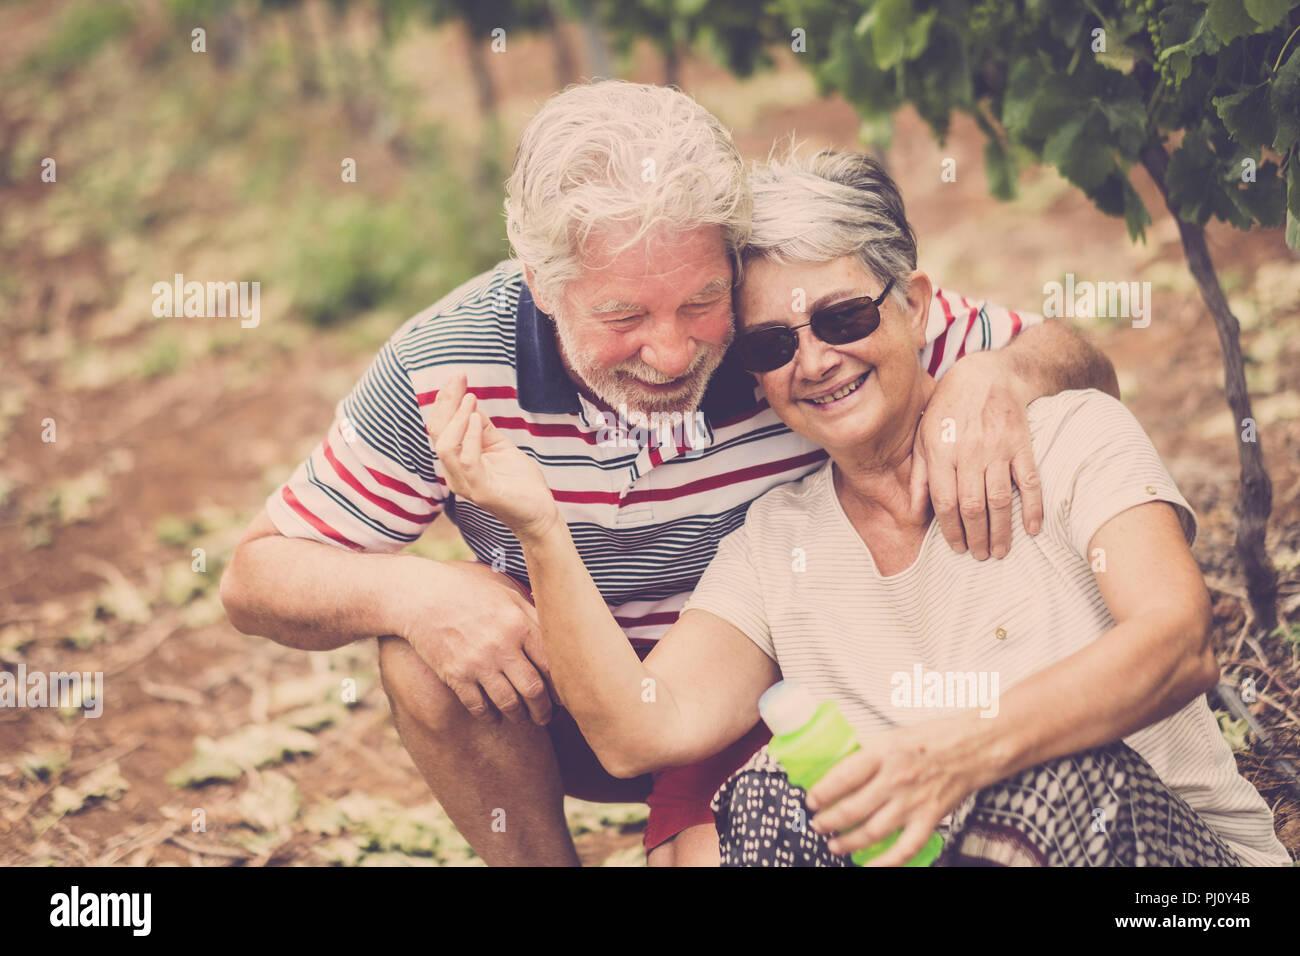 Senior nach paar Lachen in happines Für immer zusammen spielen mit Seifenblasen im Land yard Outdoor Freizeitaktivitäten Aktivität. Bleiben jung Konzept und Stockbild